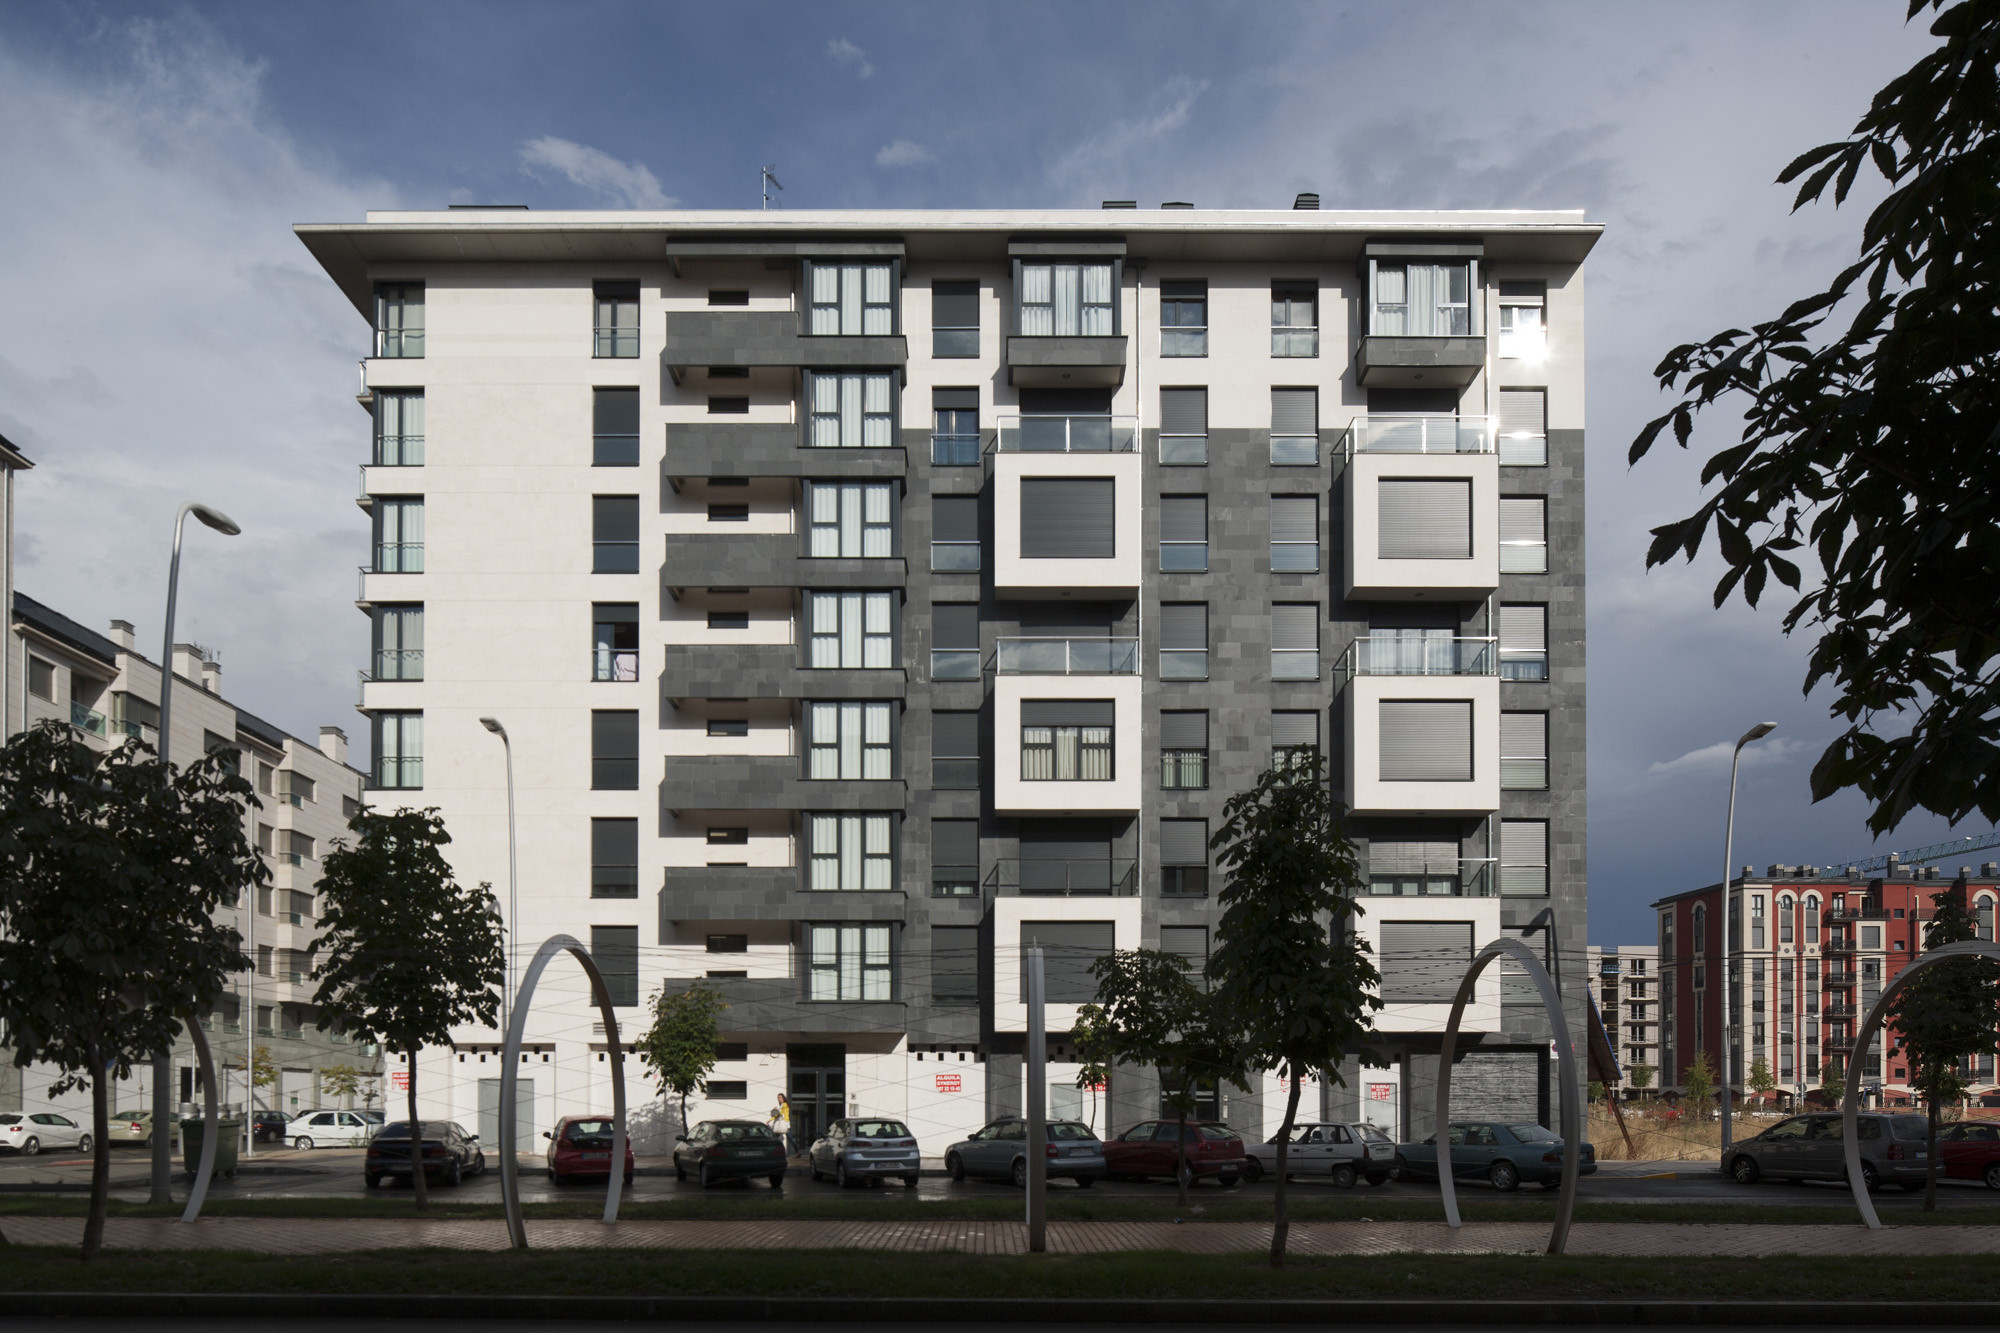 43 viviendas Sector La Lastra / Virginiaarq, © ImagenMas